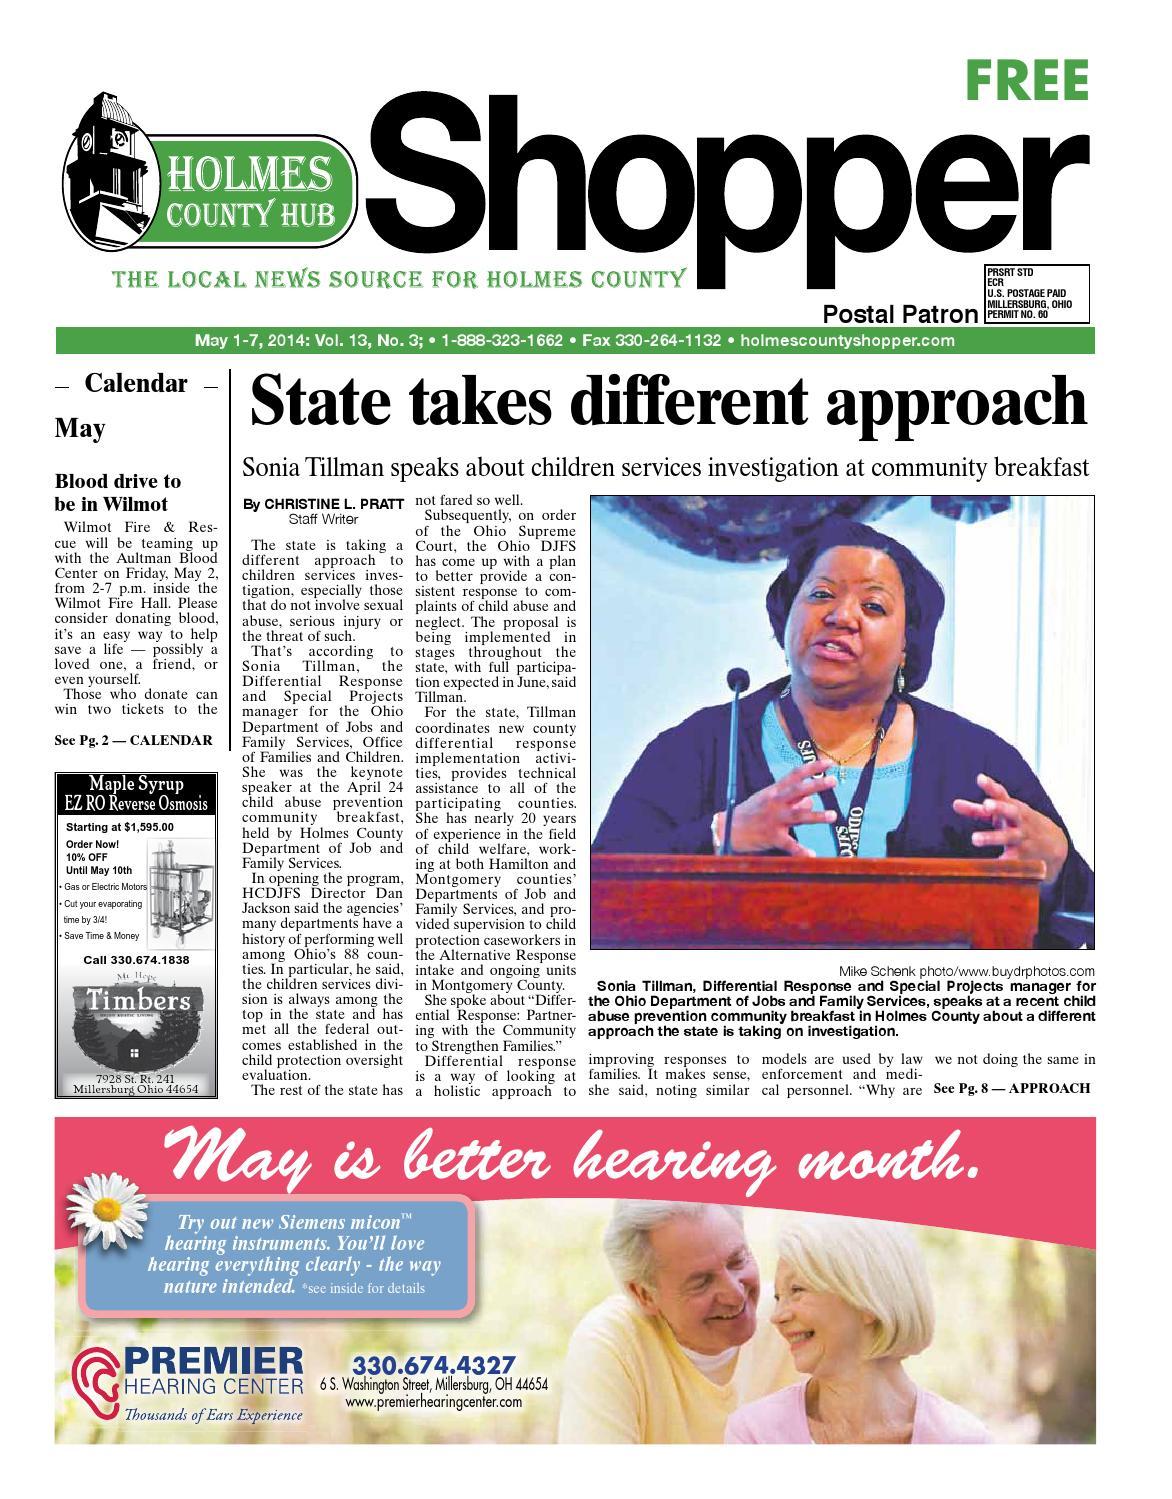 Holmes County Hub Shopper May 1 2014 By Gannett Neo Issuu